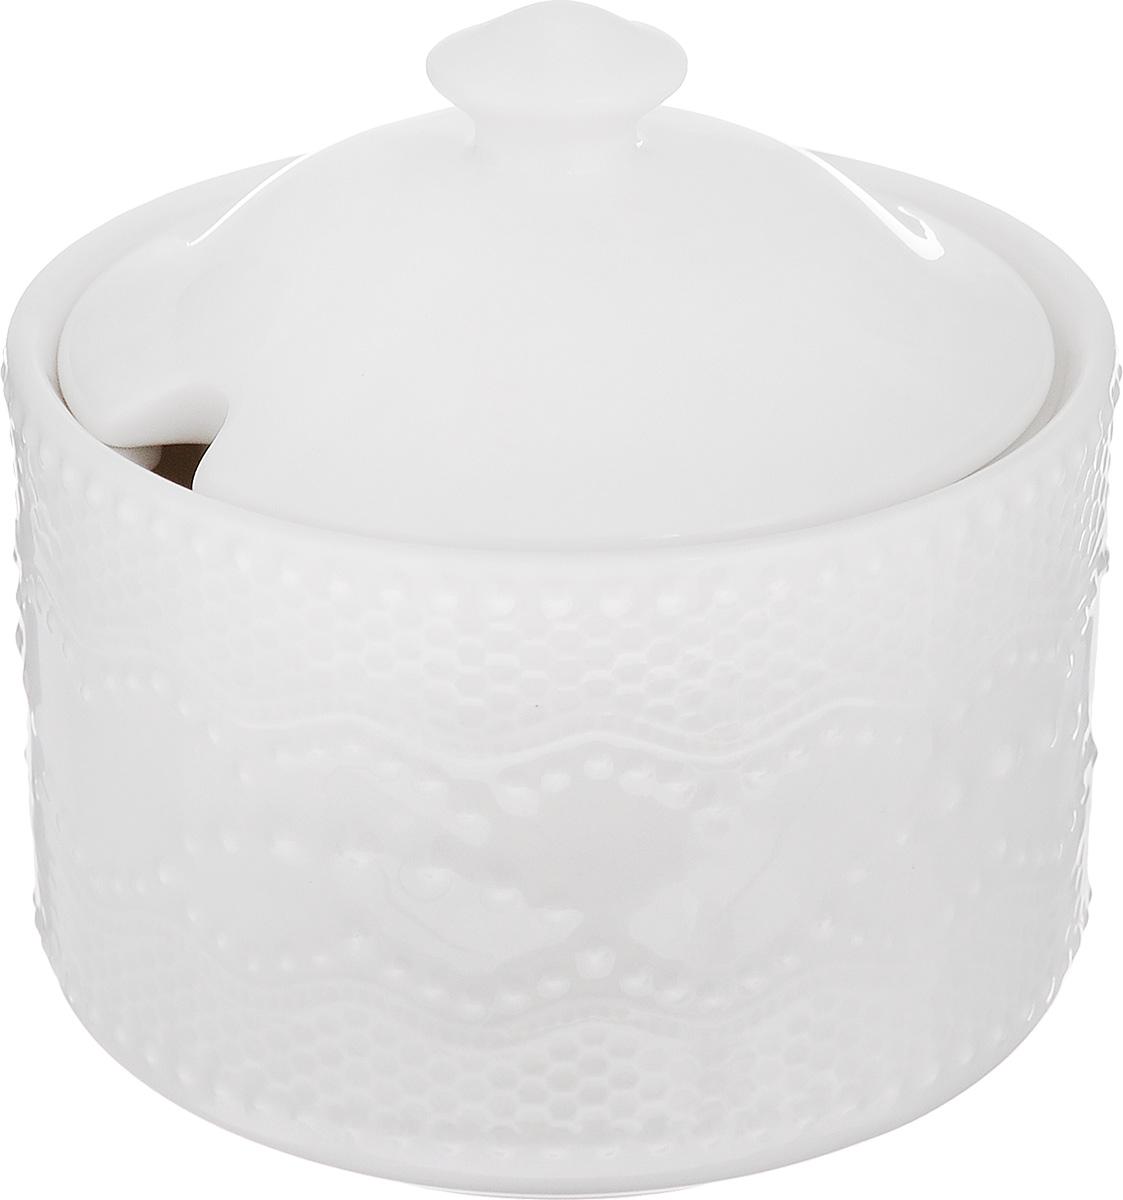 Сахарница Walmer Vivien, цвет: белый, 300 млW07250010Великолепная сахарница Walmer Vivien выполнена из высококачественного фарфора и оснащенакрышкой. Эксклюзивный дизайн,эстетичность и функциональность сахарницы делают ее незаменимой на любойкухне.Диаметр сахарницы (по верхнему краю): 9,7 см.Высота сахарницы (без учета крышки): 7 см.